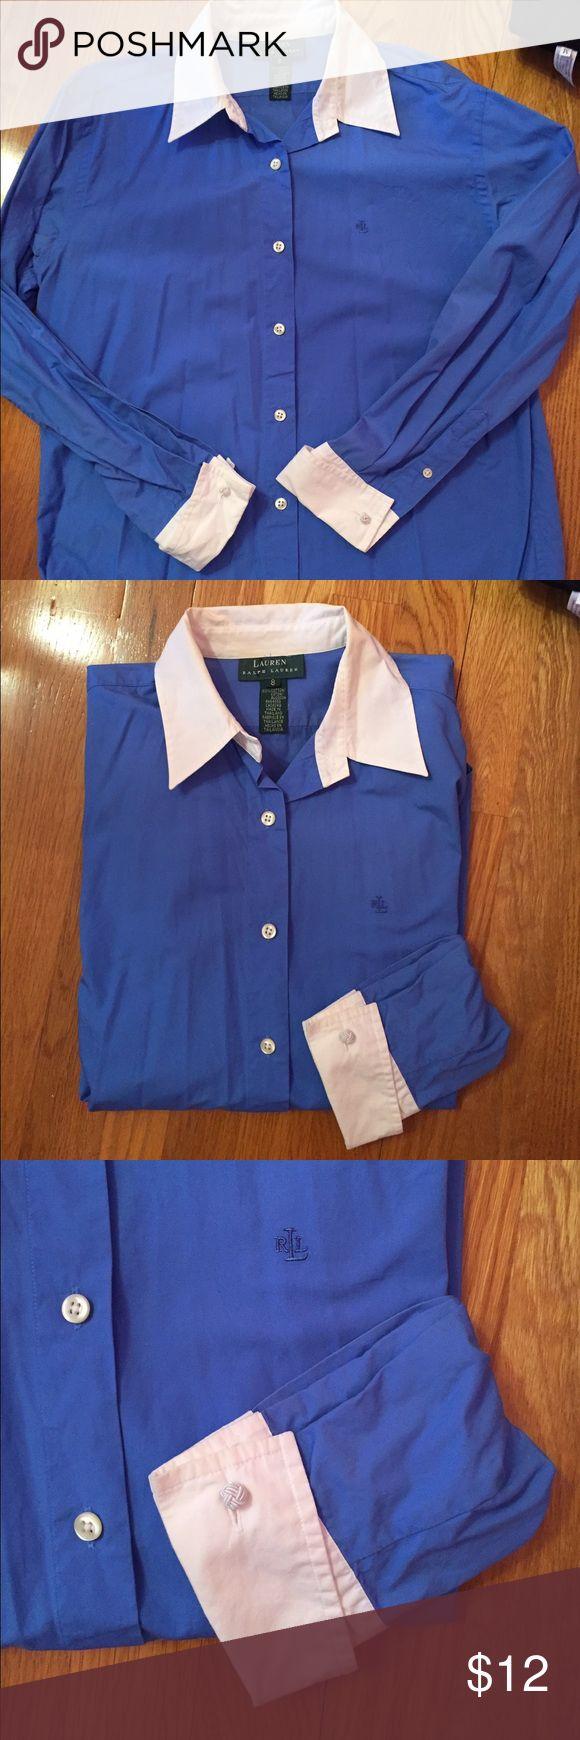 Ralph Lauren Button down shirt Ralph Lauren bottom down blue shirt with white collar and cuffs. Size 8. Light wear. Smoke free home. Ralph Lauren Tops Button Down Shirts